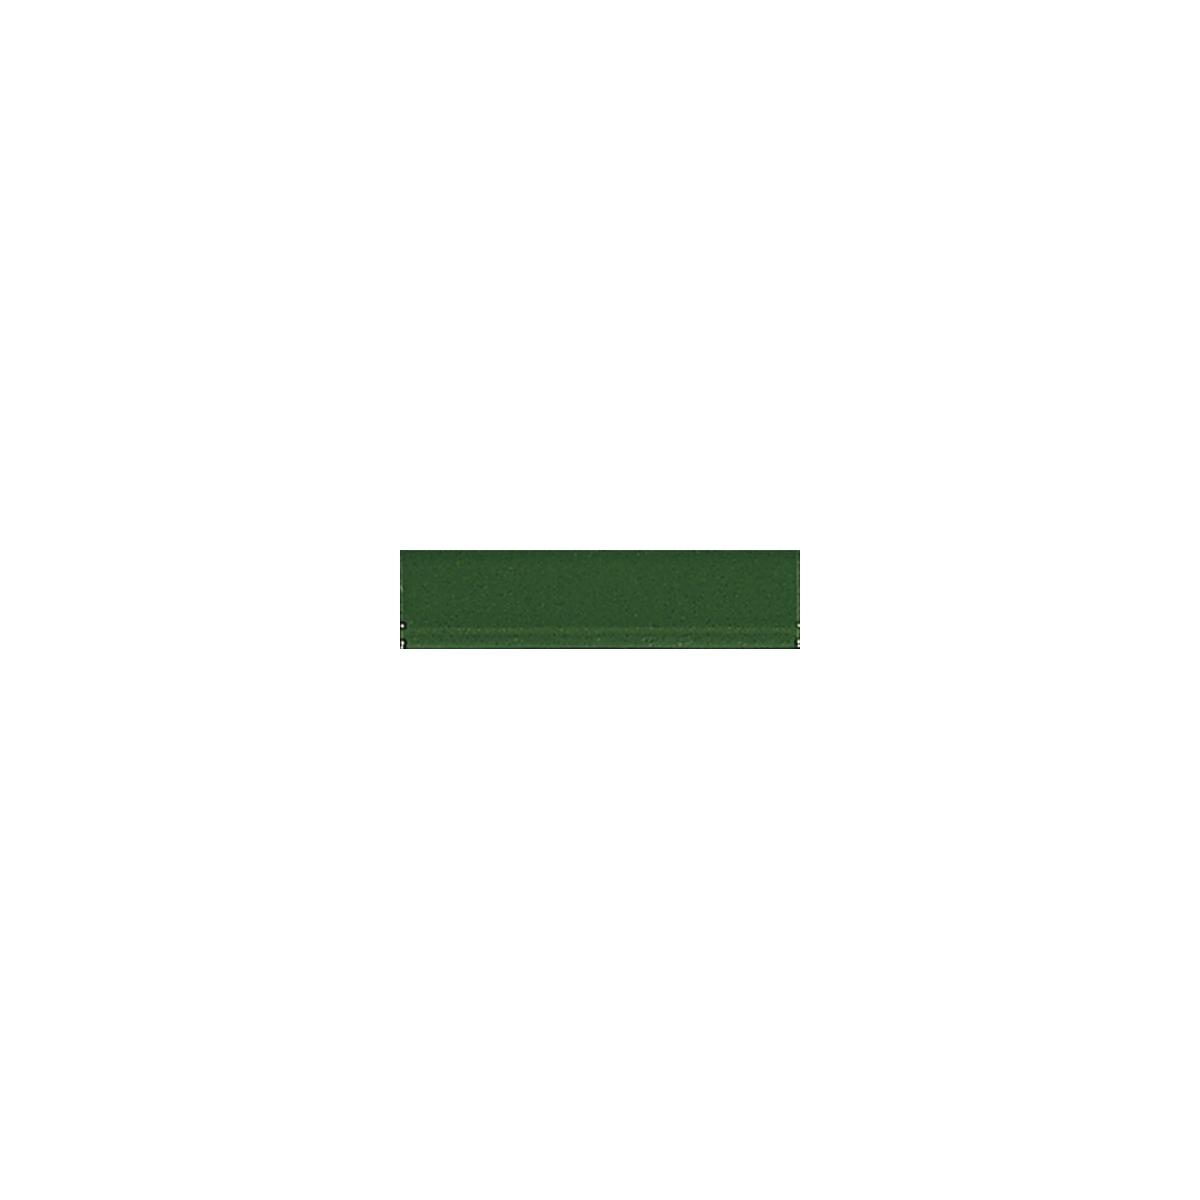 Moldura Verde - Serie Altea Verde - Marca Mainzu